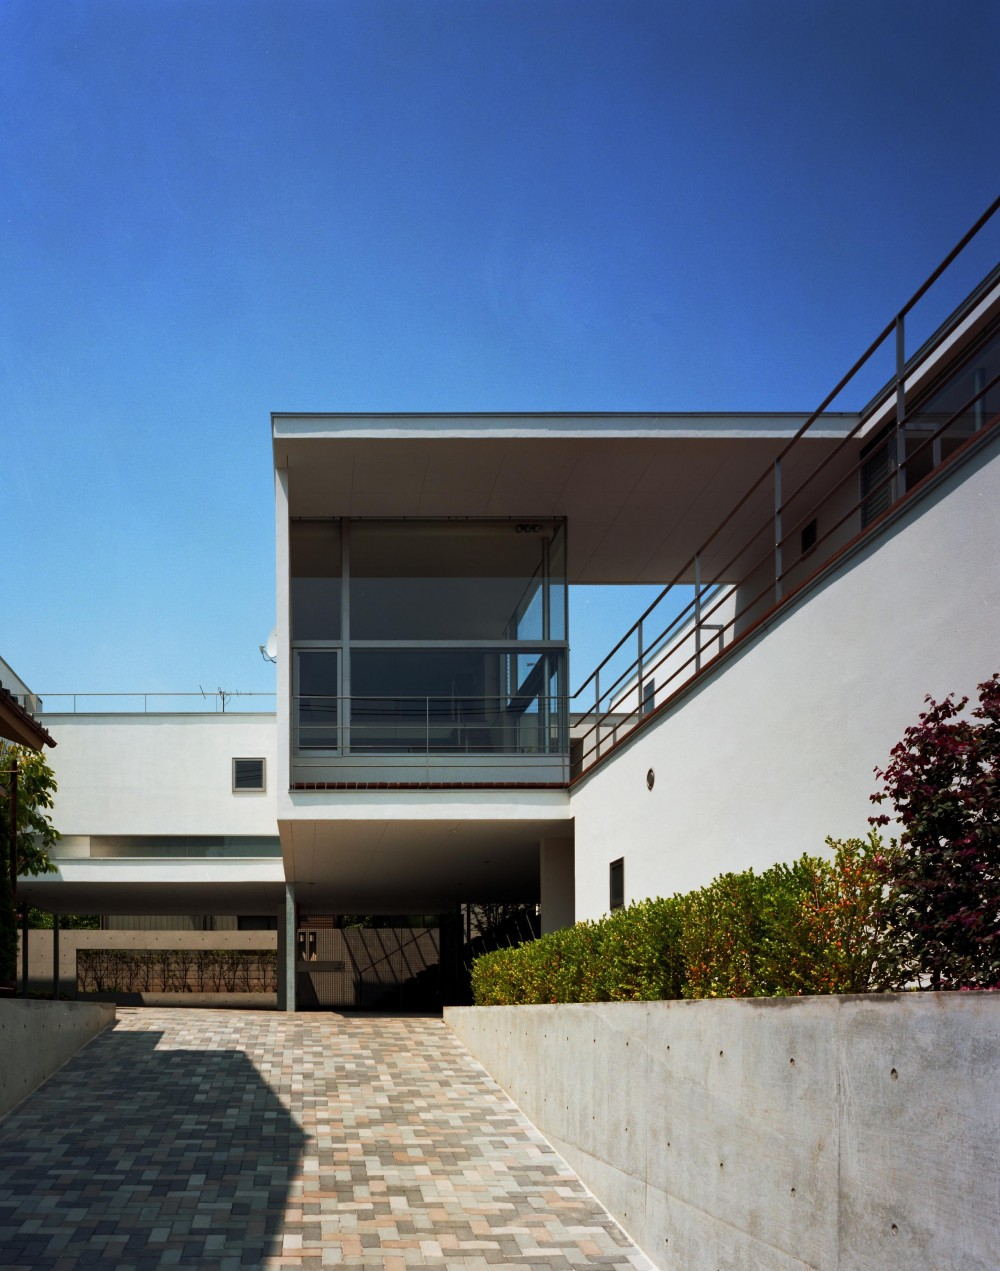 【フラッツ5+1】  − オーナー3住戸+賃貸2戸+アトリエの複合建築 (アプローチ外観)